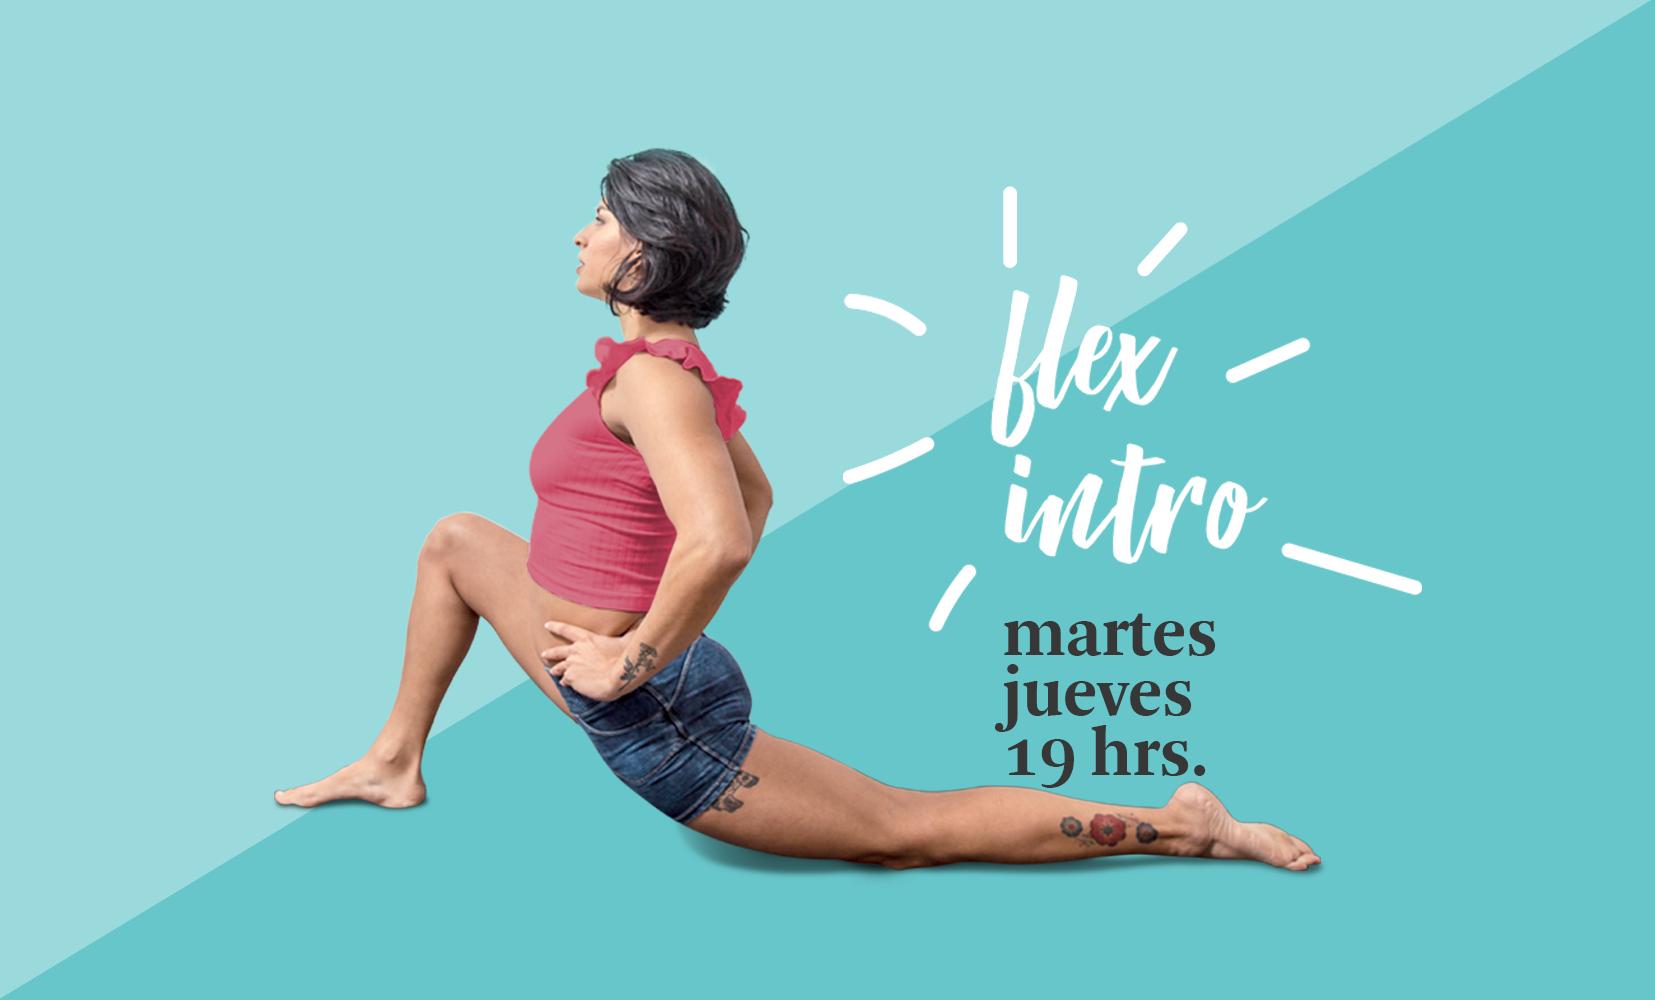 Flex Intro martes y jueves 19 hrs.